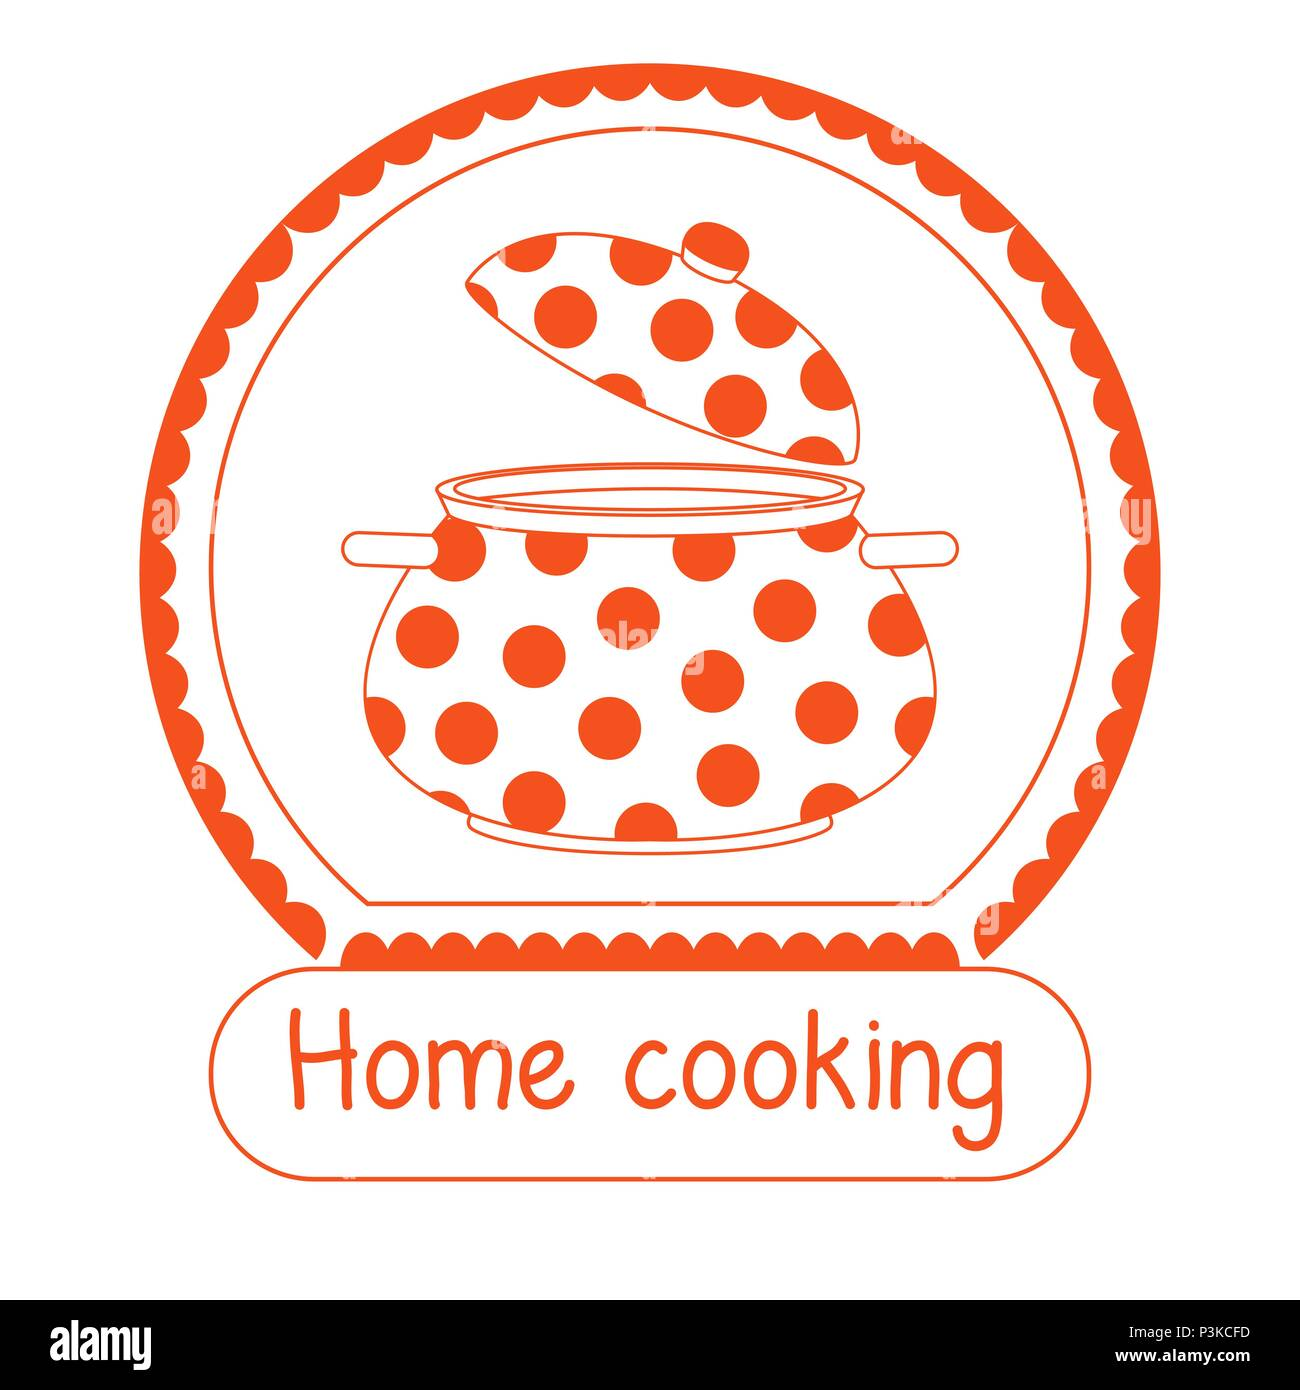 Logo Per Il Ristorante Di Cucina Casalinga Iscrizione Home La